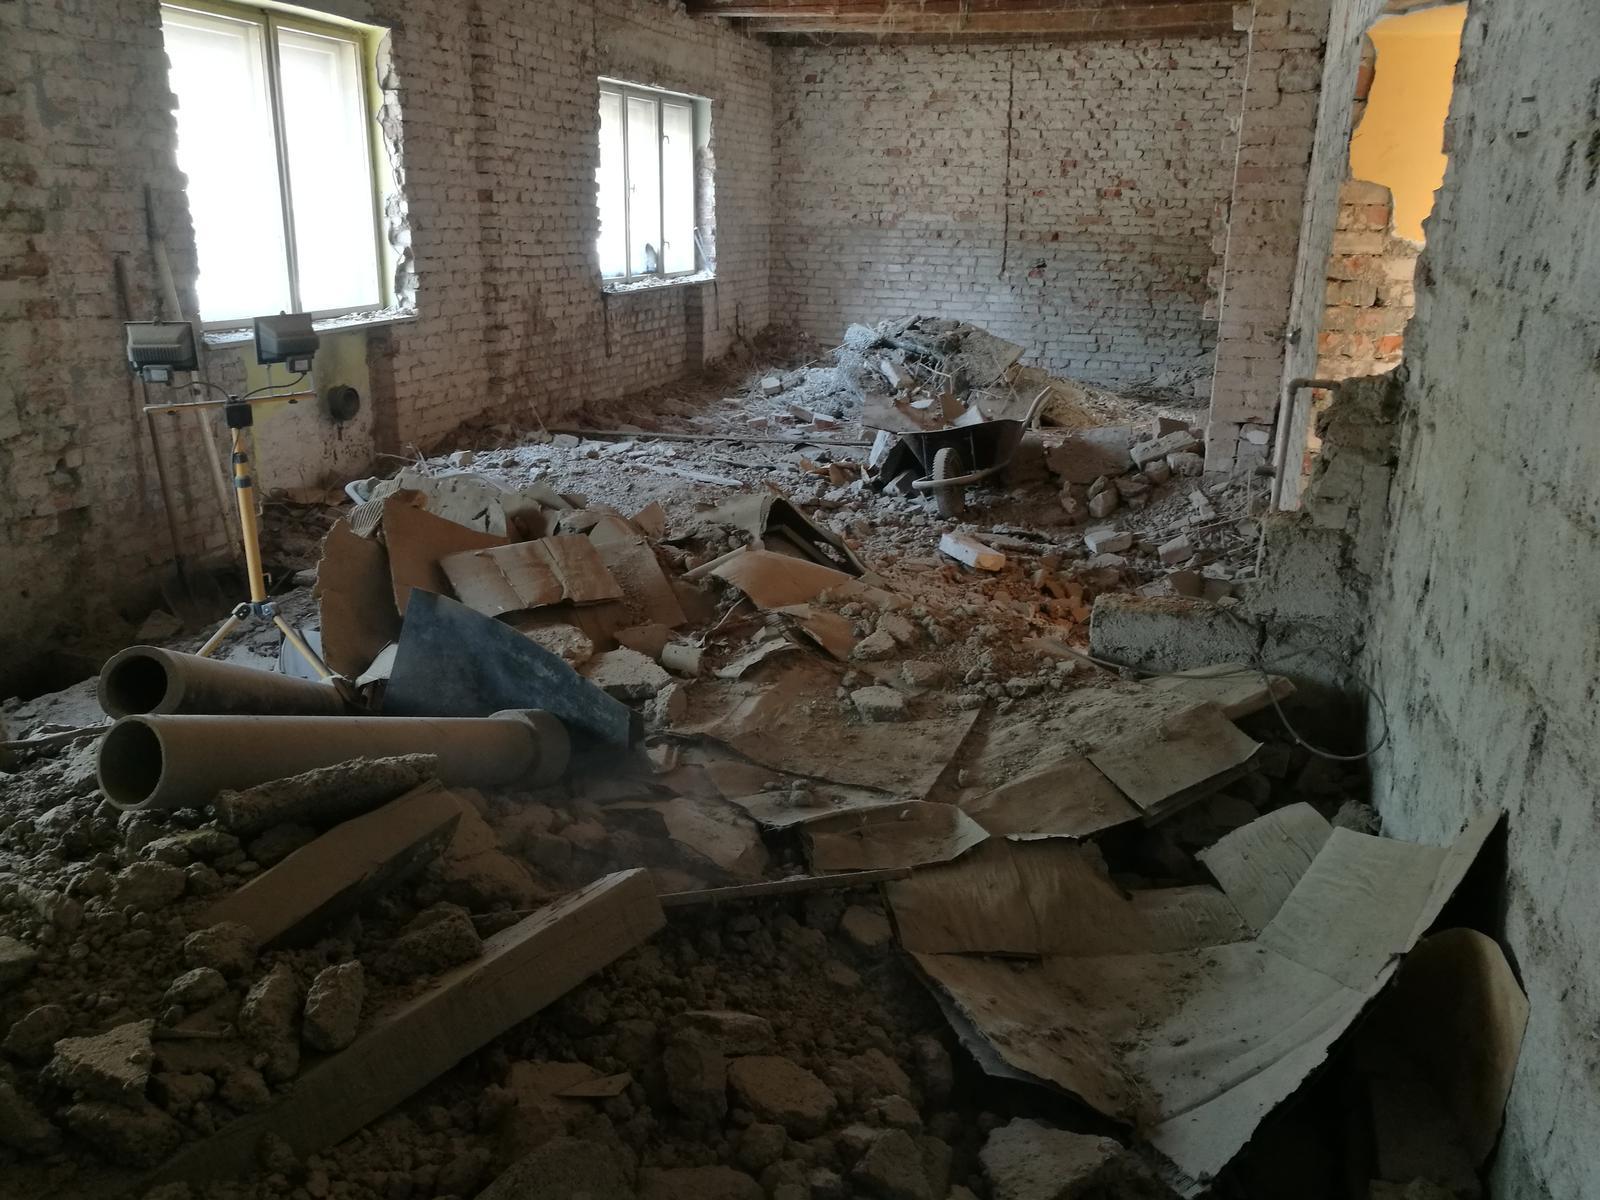 Náš budúci domov - rekonštrukcia rodinného domu - Po zhodení bordelu z povaly